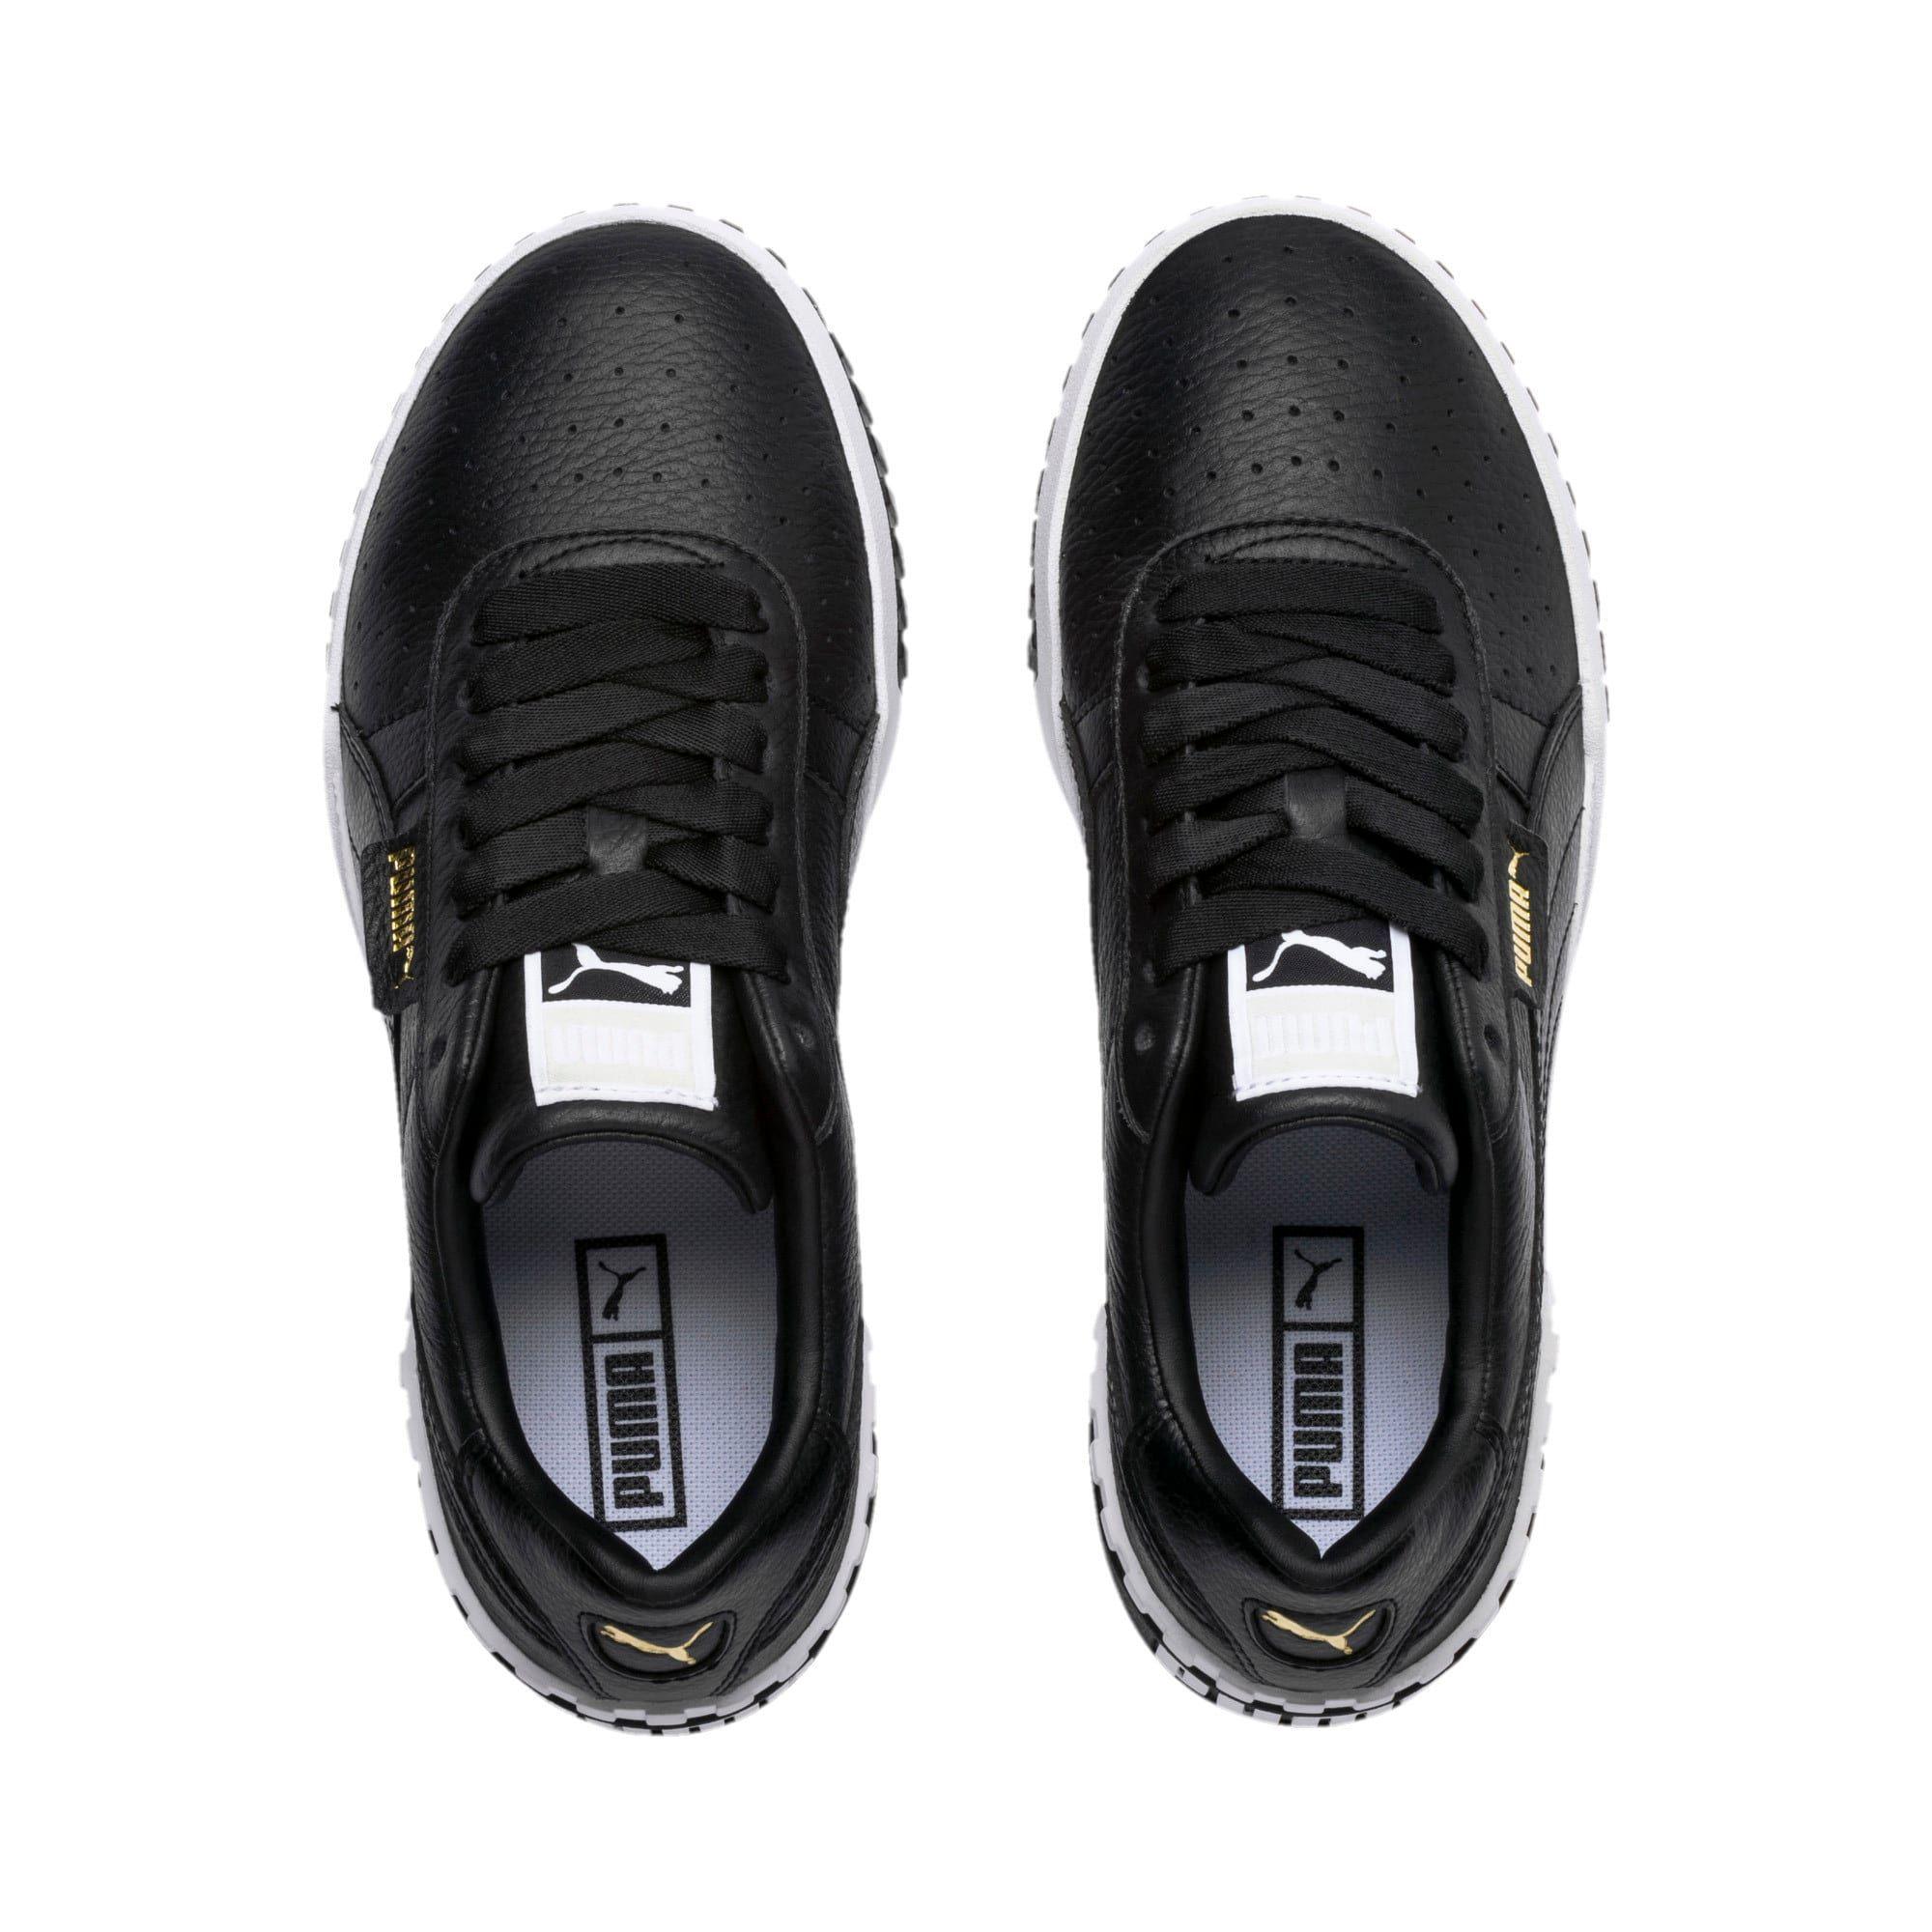 Puma Cali Women S Trainers In Black White Size 6 5 Puma Cali Sneakers Black Puma